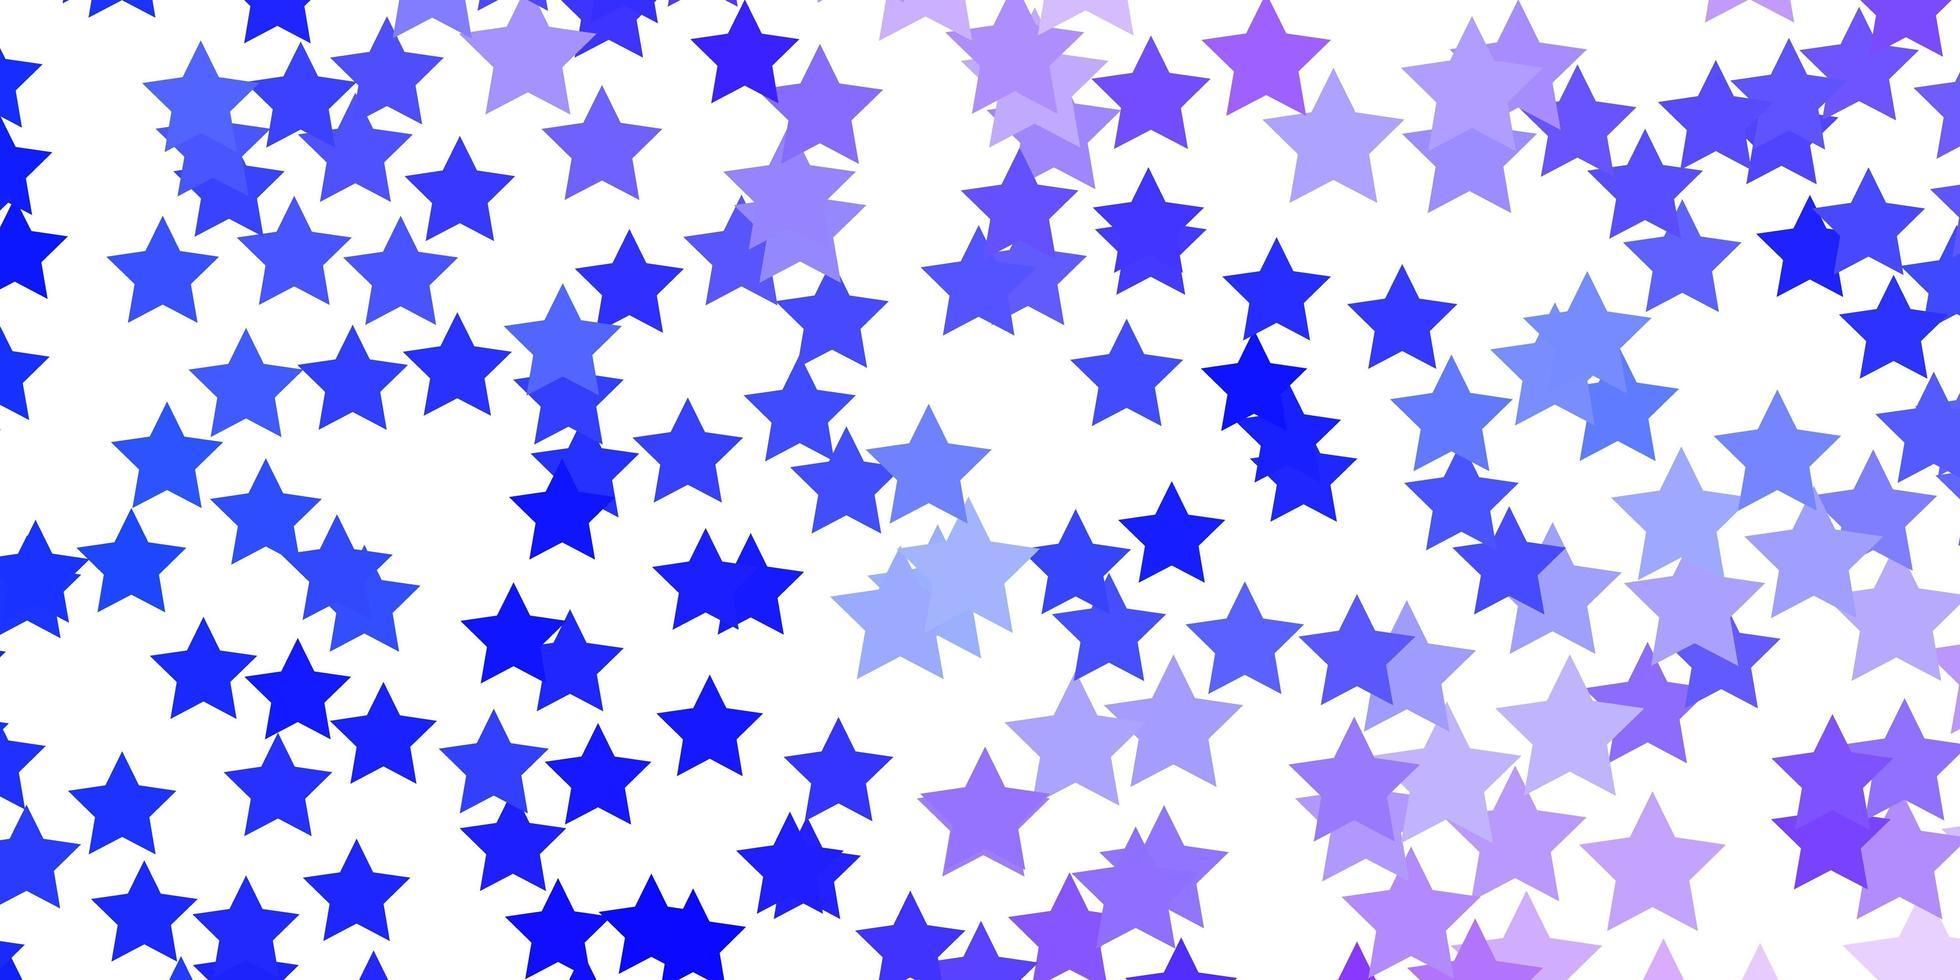 texture de vecteur rose clair, bleu avec de belles étoiles.